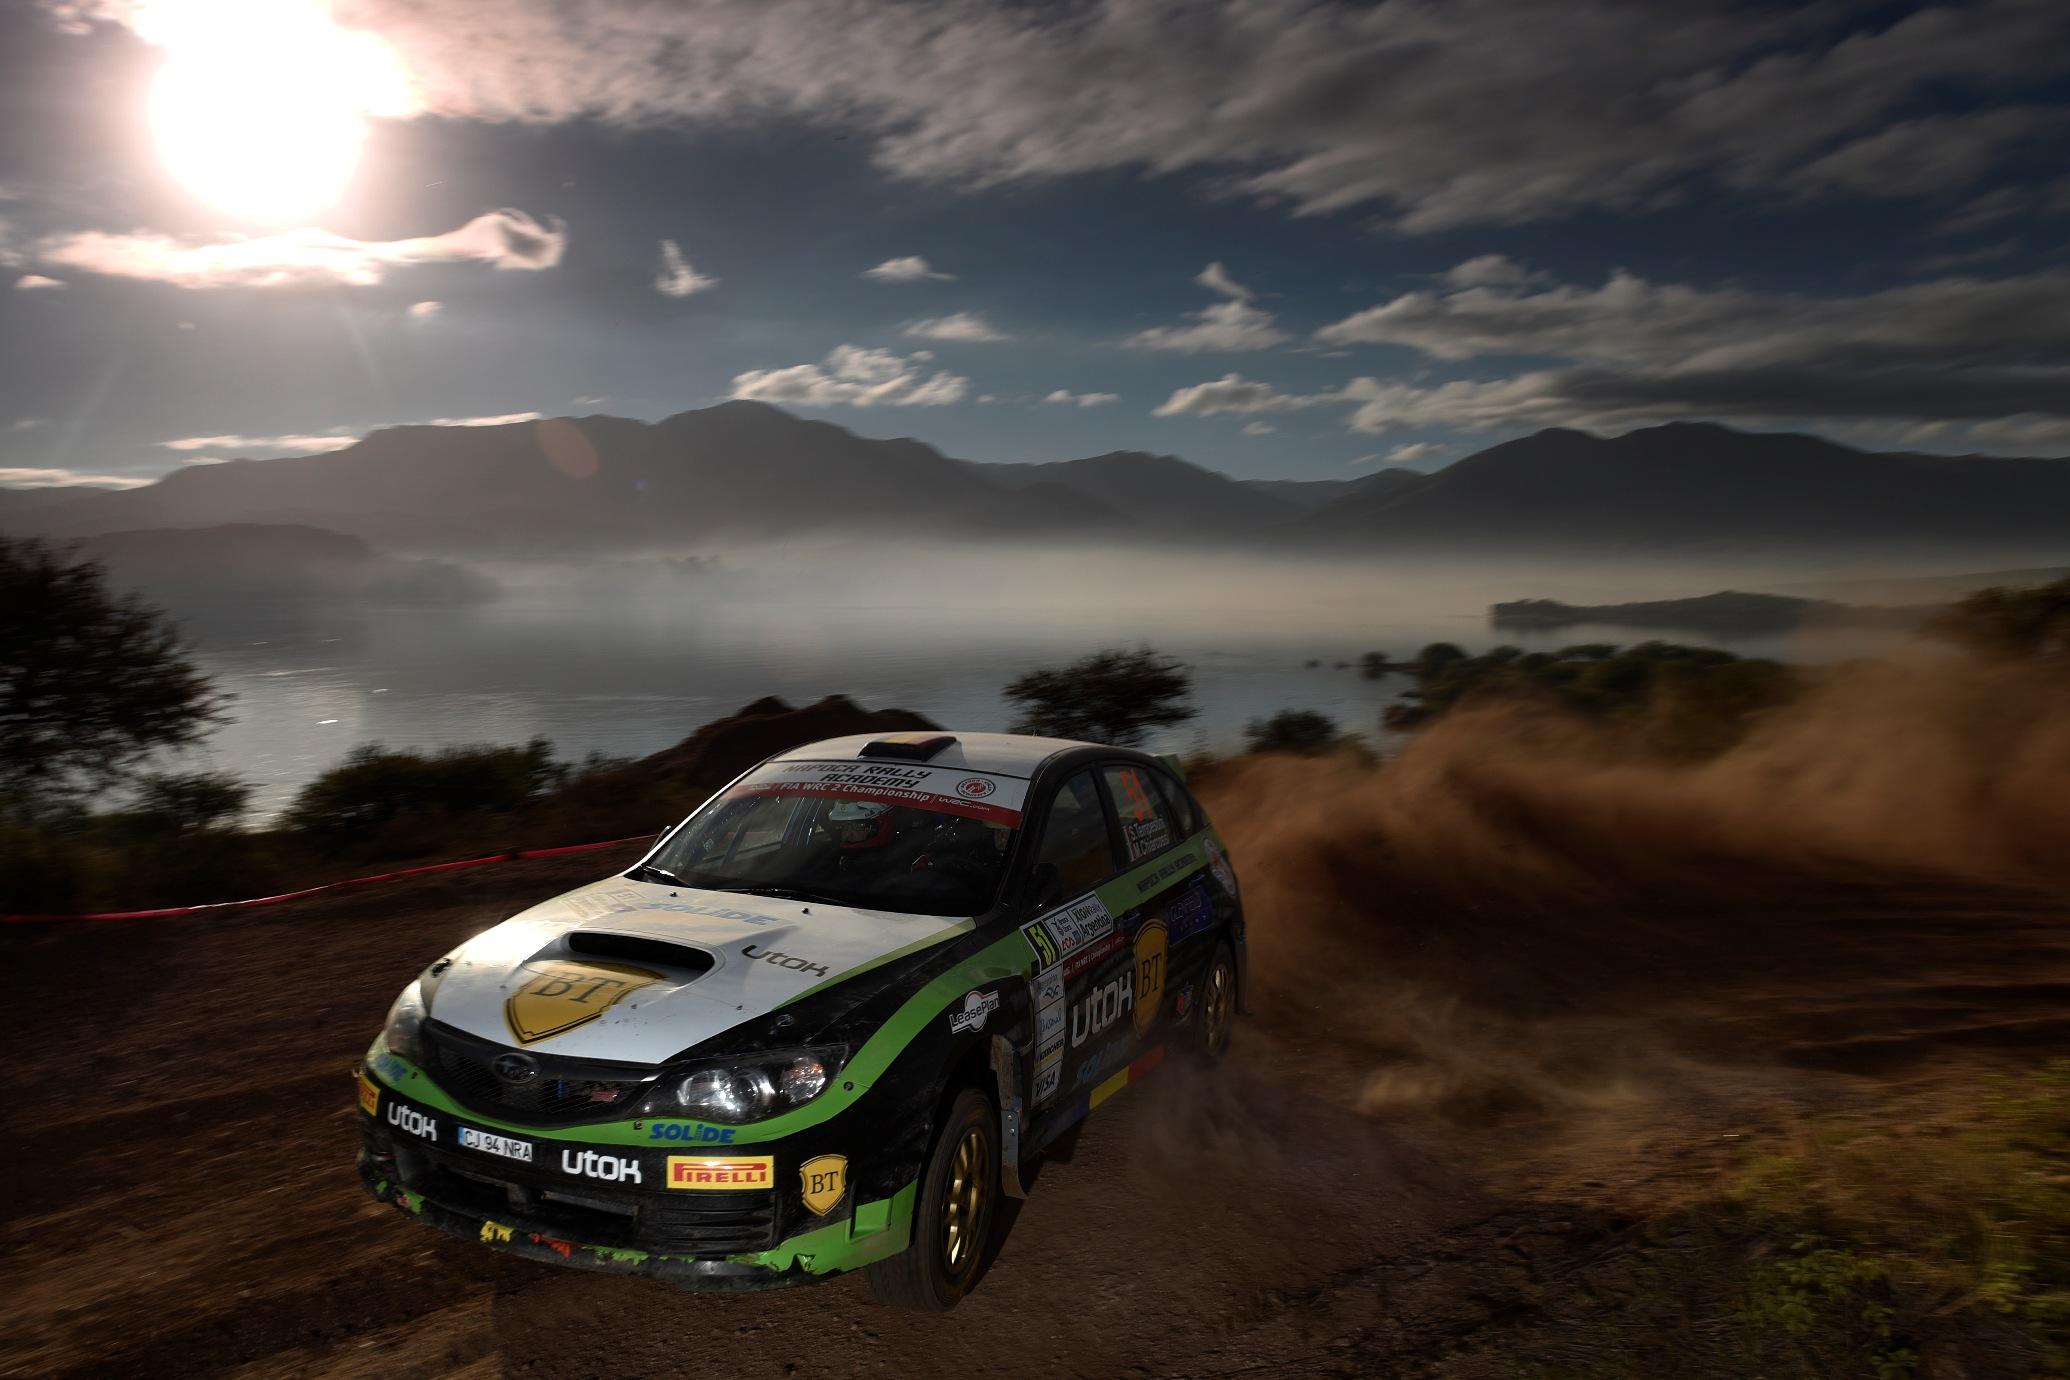 Simone Tempestini a pierdut prima poziție în Production Cup din WRC 2 în Raliul Argentinei, după verificările tehnice